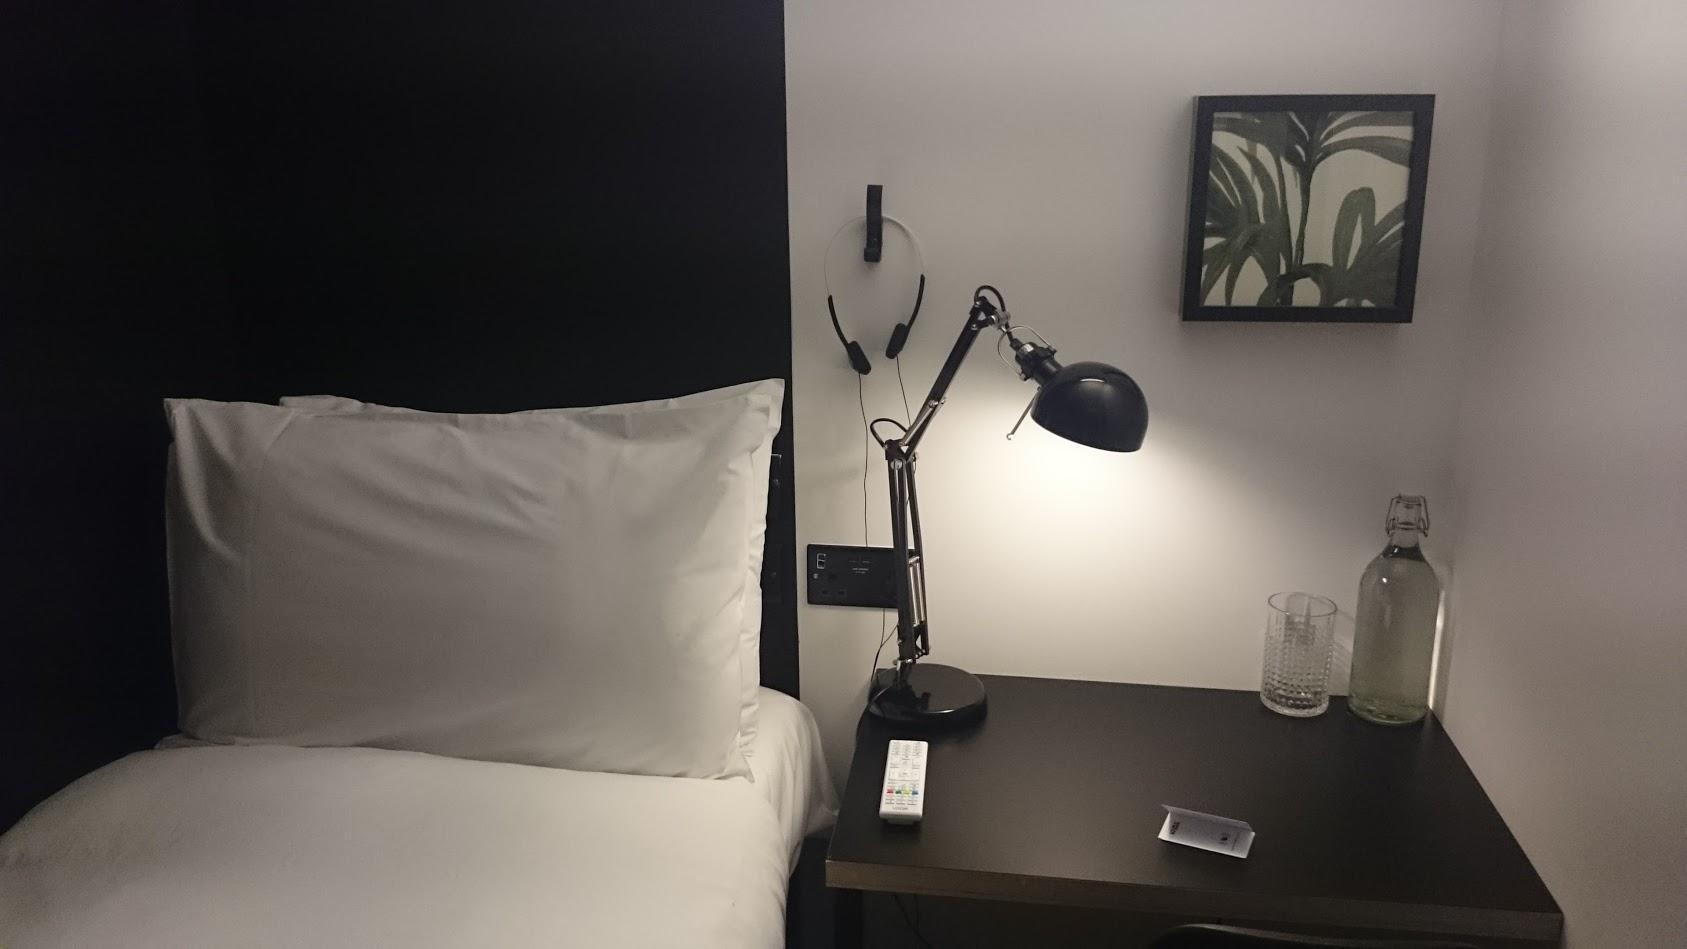 kip-hotel-at-hackney